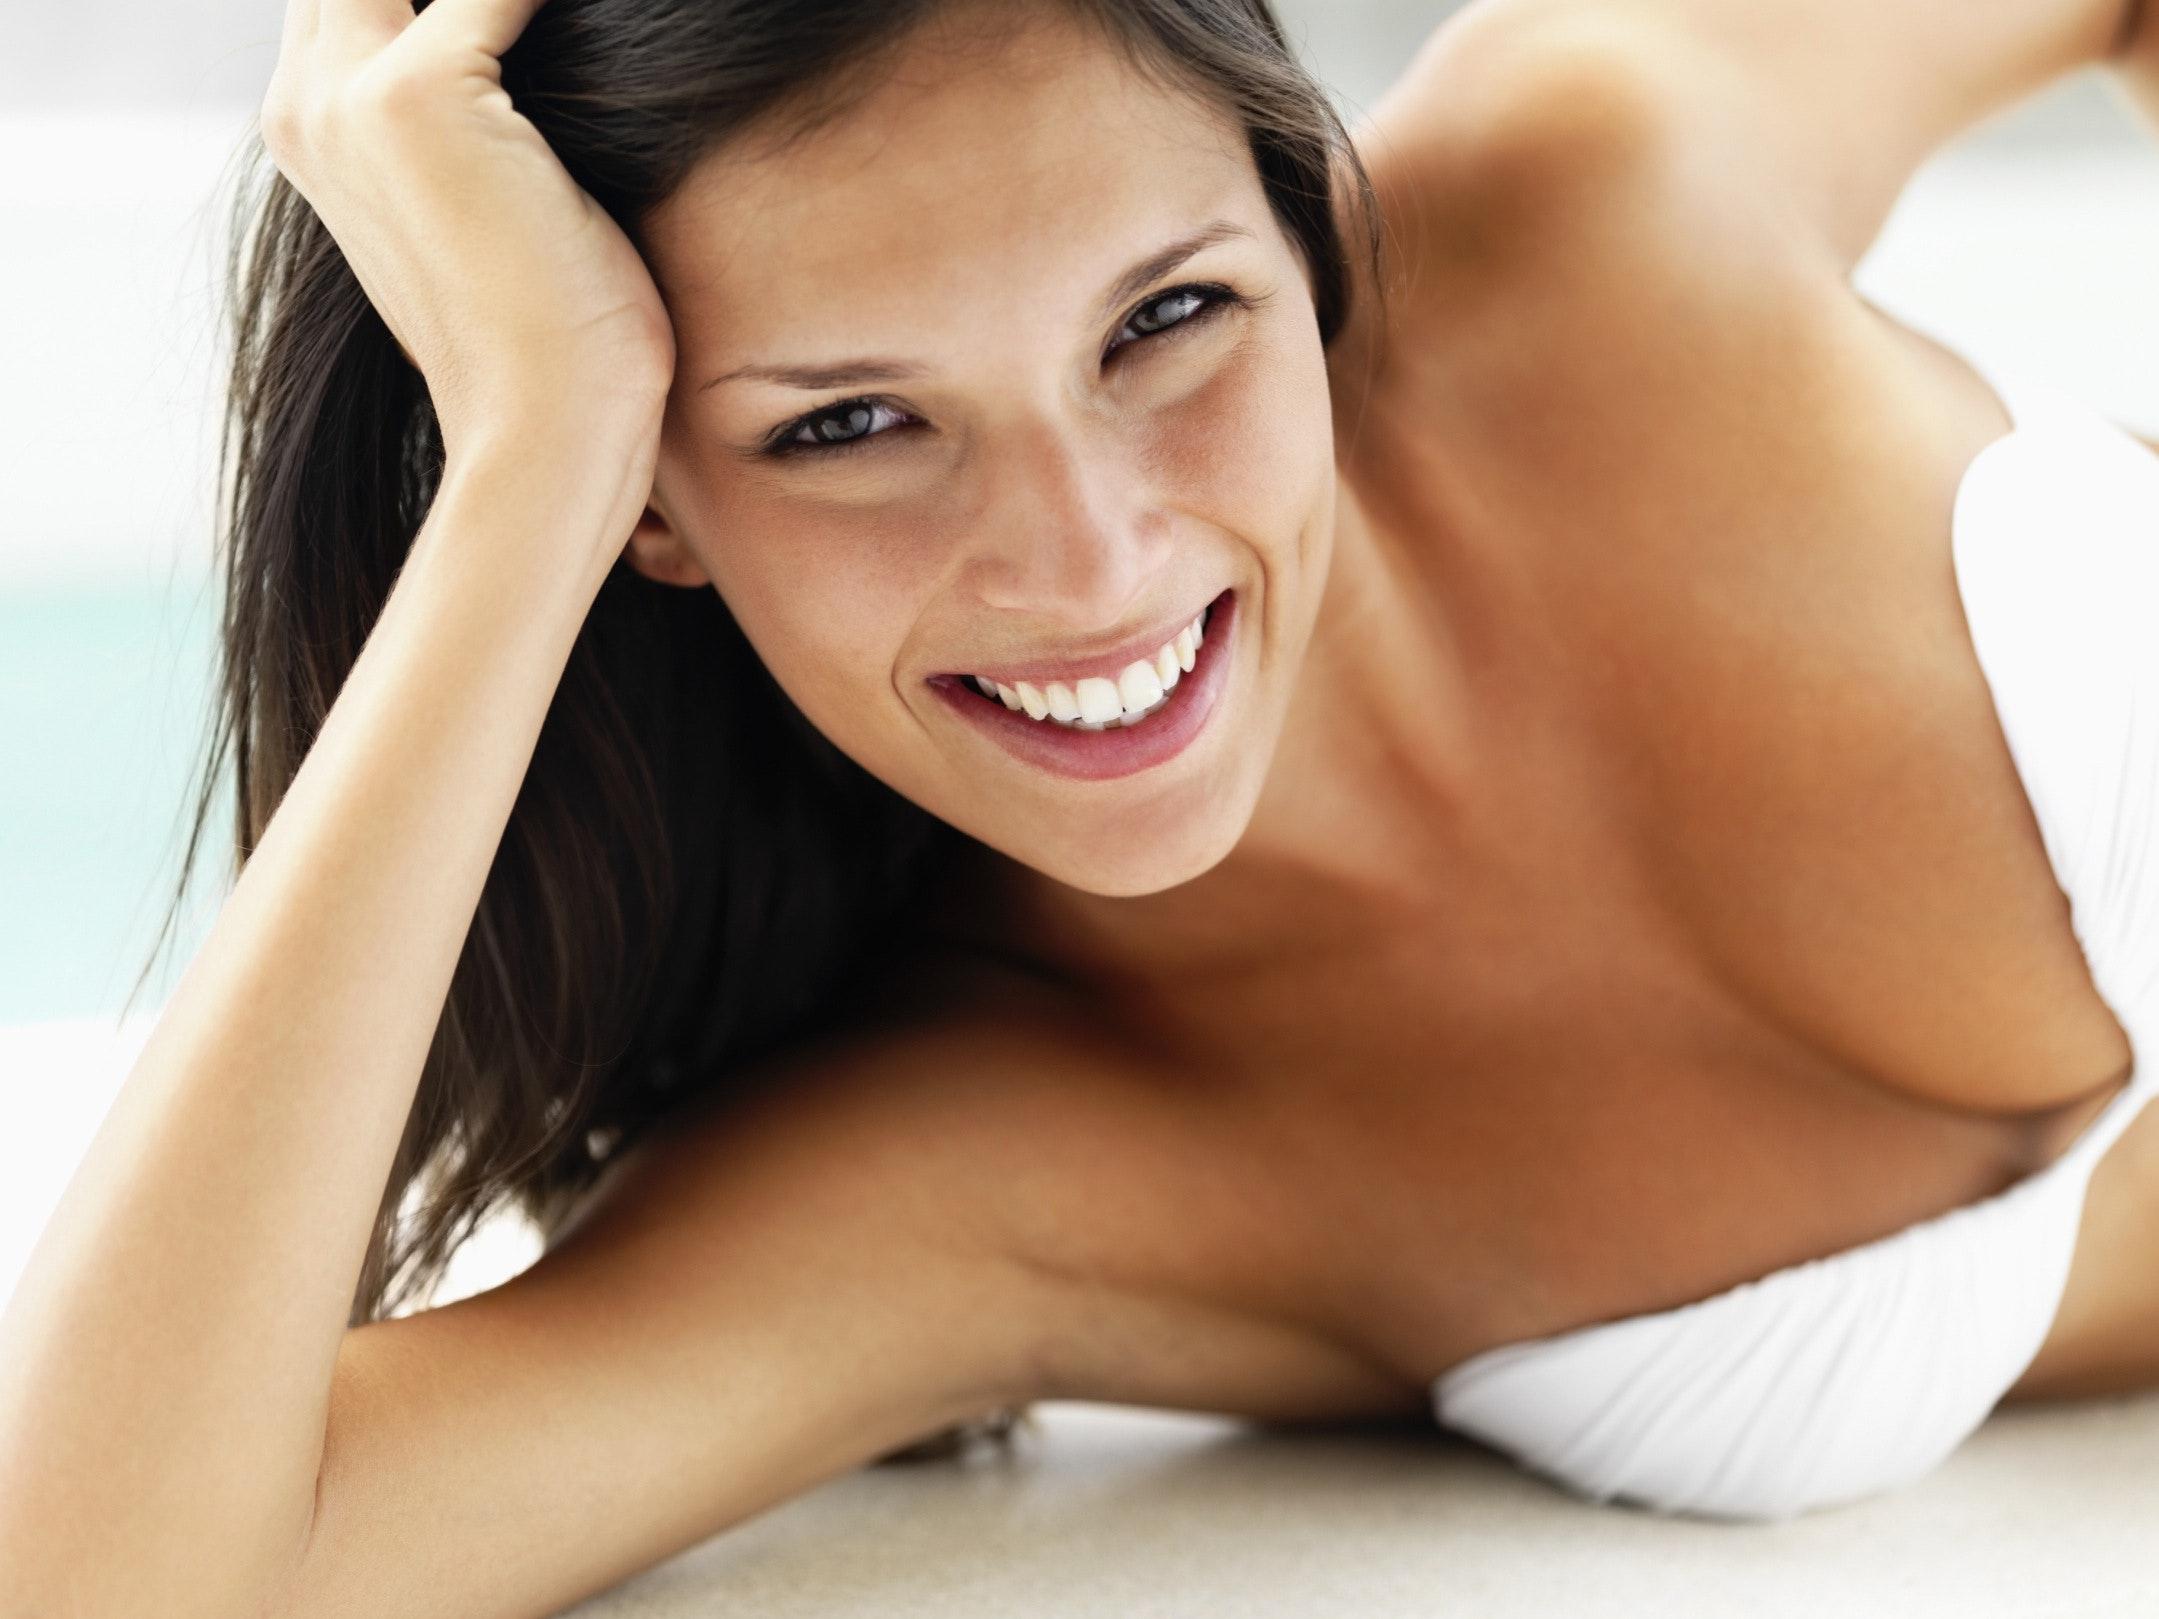 større bryster sex massage escort